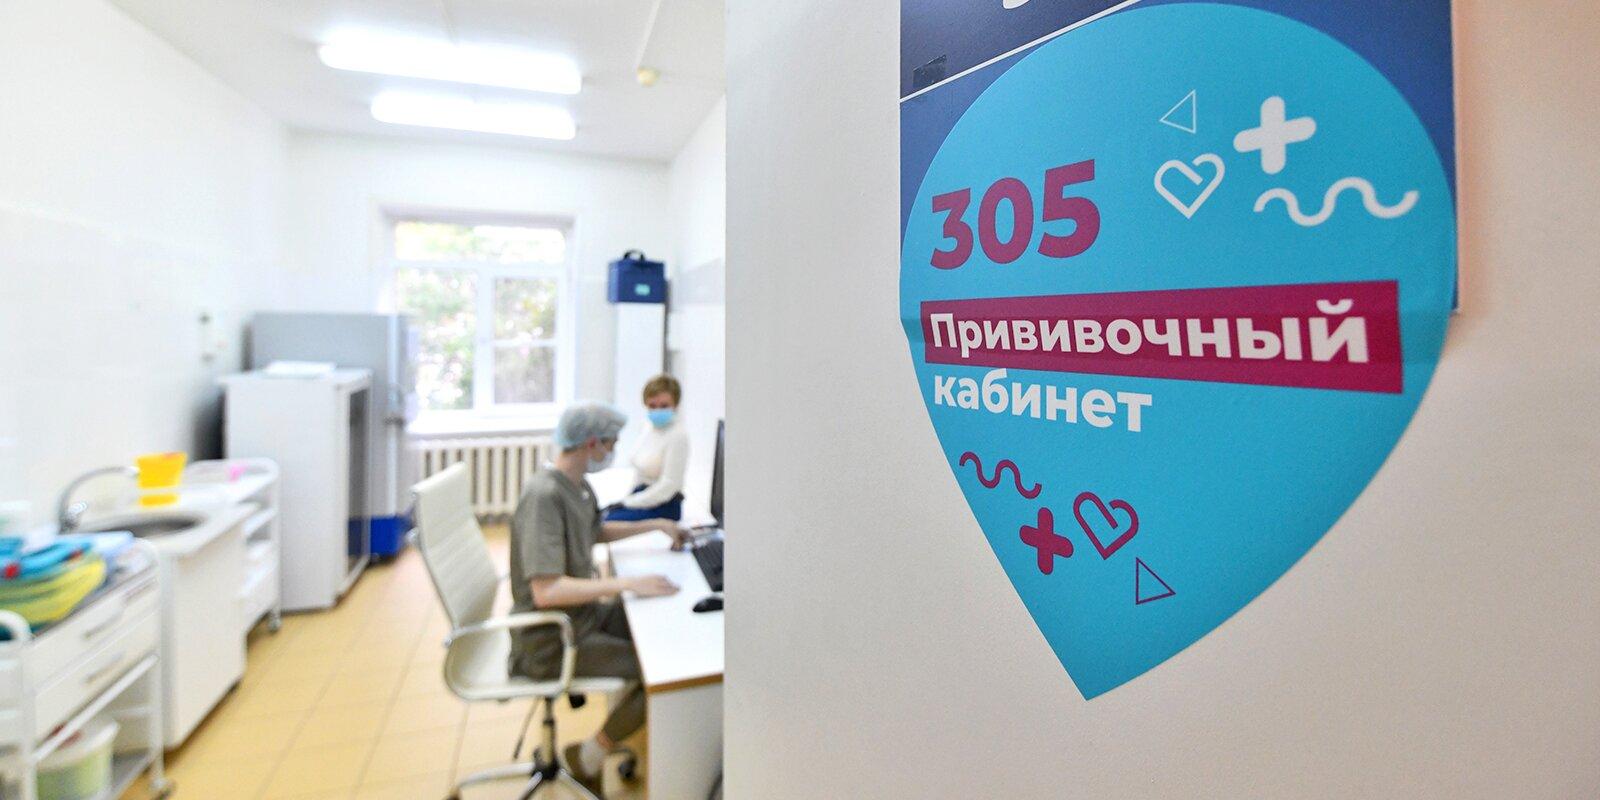 Около 140 тысяч москвичей сделали прививку от коронавируса